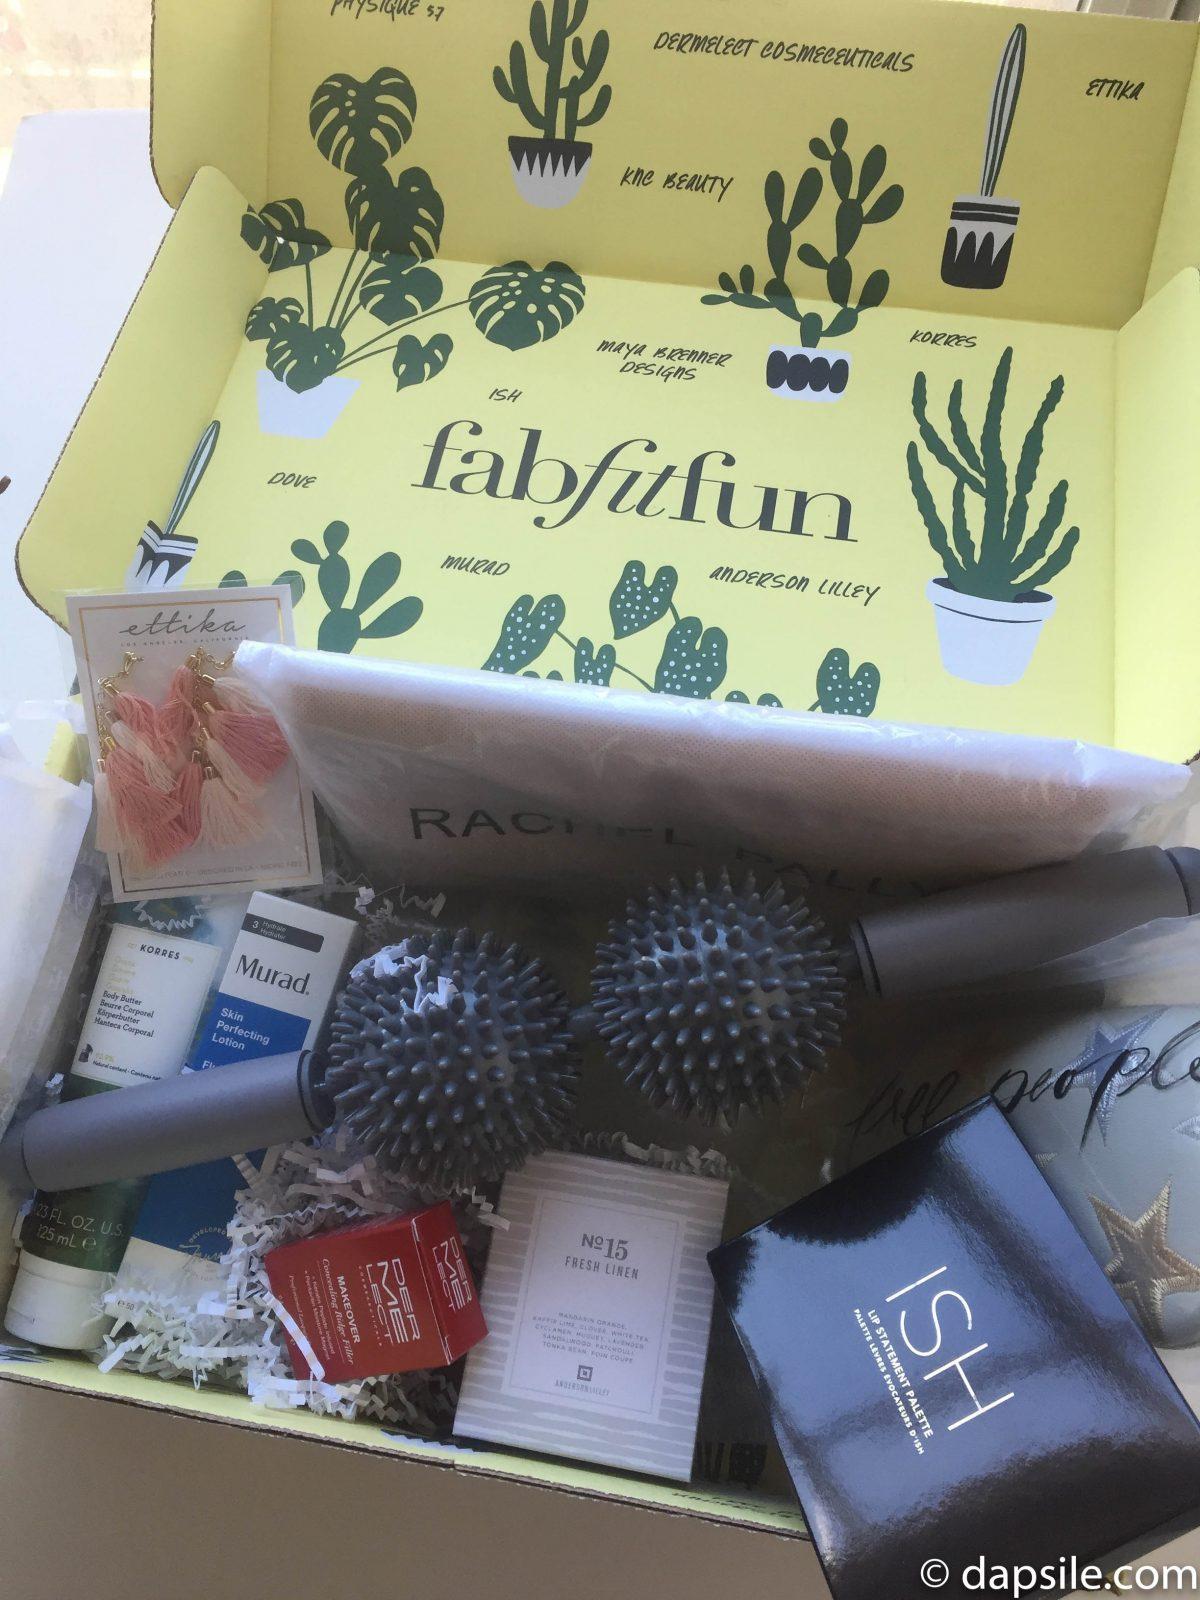 FabFitFun Spring 2018 Subscription Box Contents